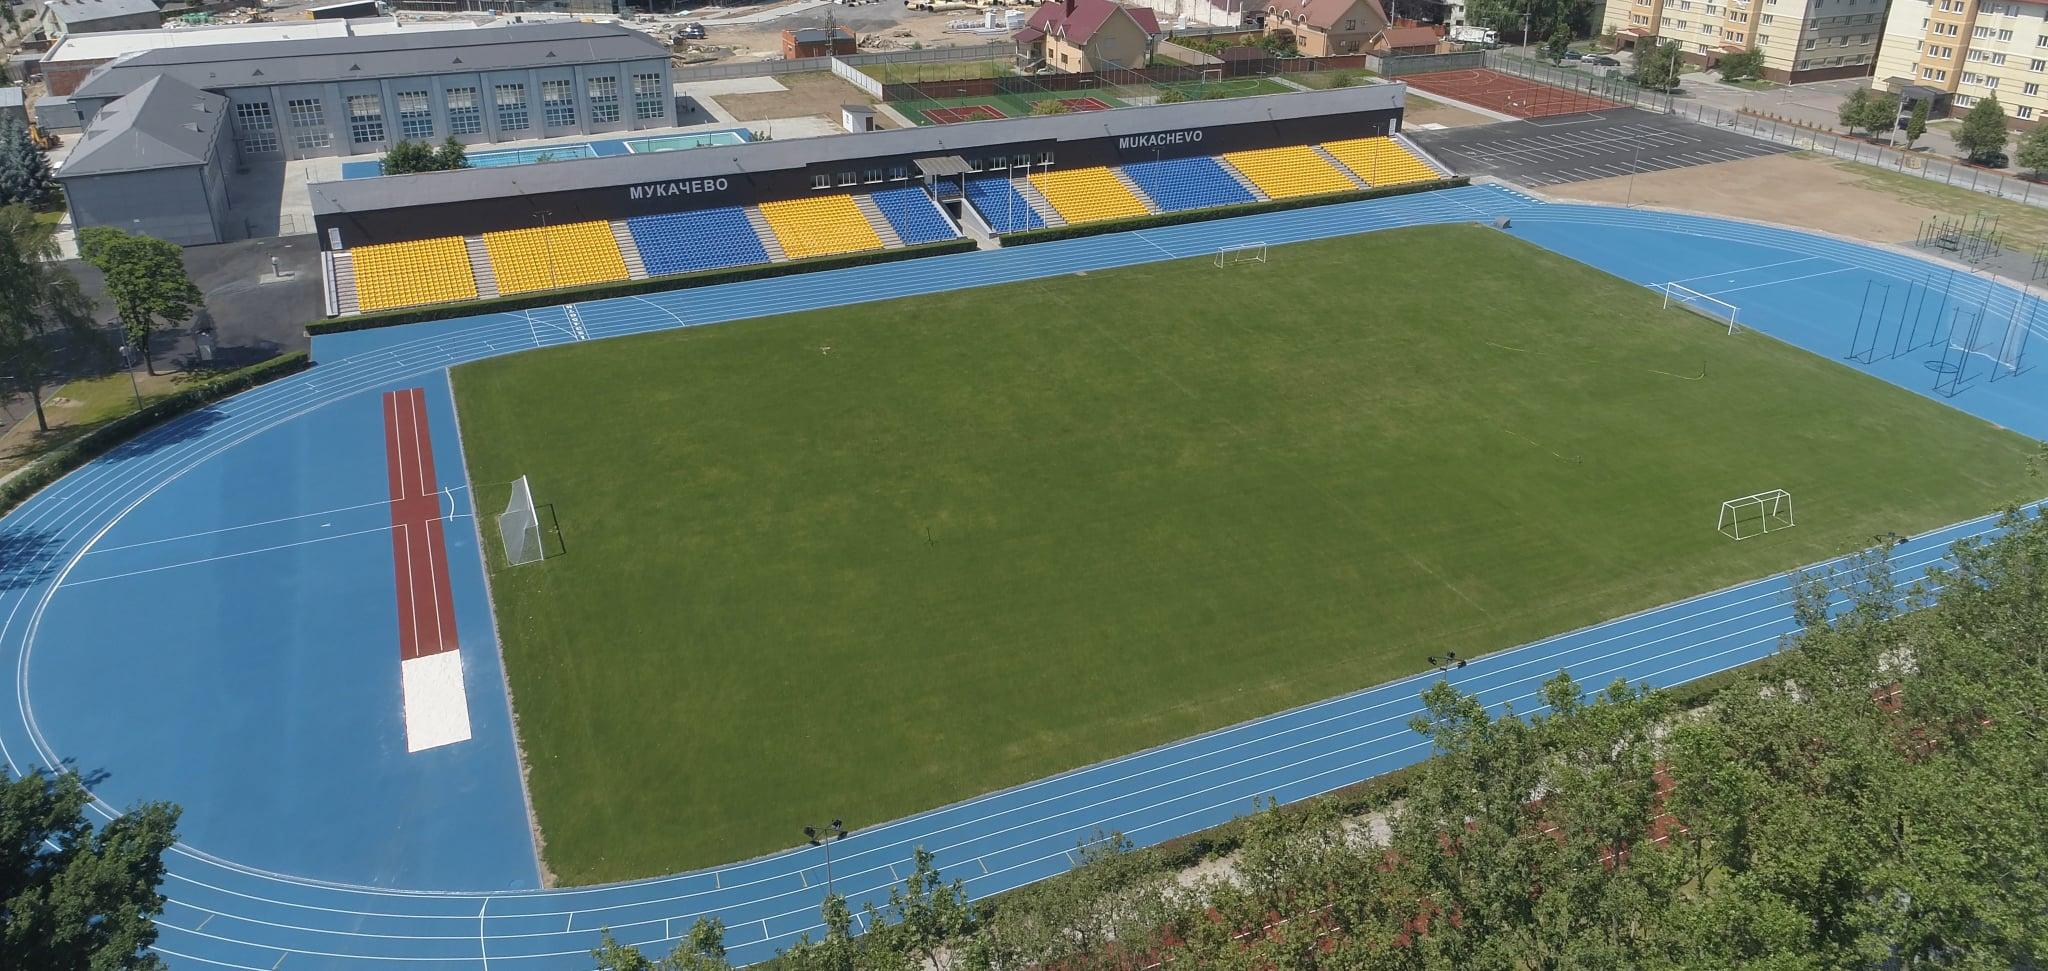 Цієї суботи в Мукачеві встановлюватимуть рекорд України: на стадіоні Мукачівської ДЮСШ буде розгорнуто найбільший Олімпійський прапор.